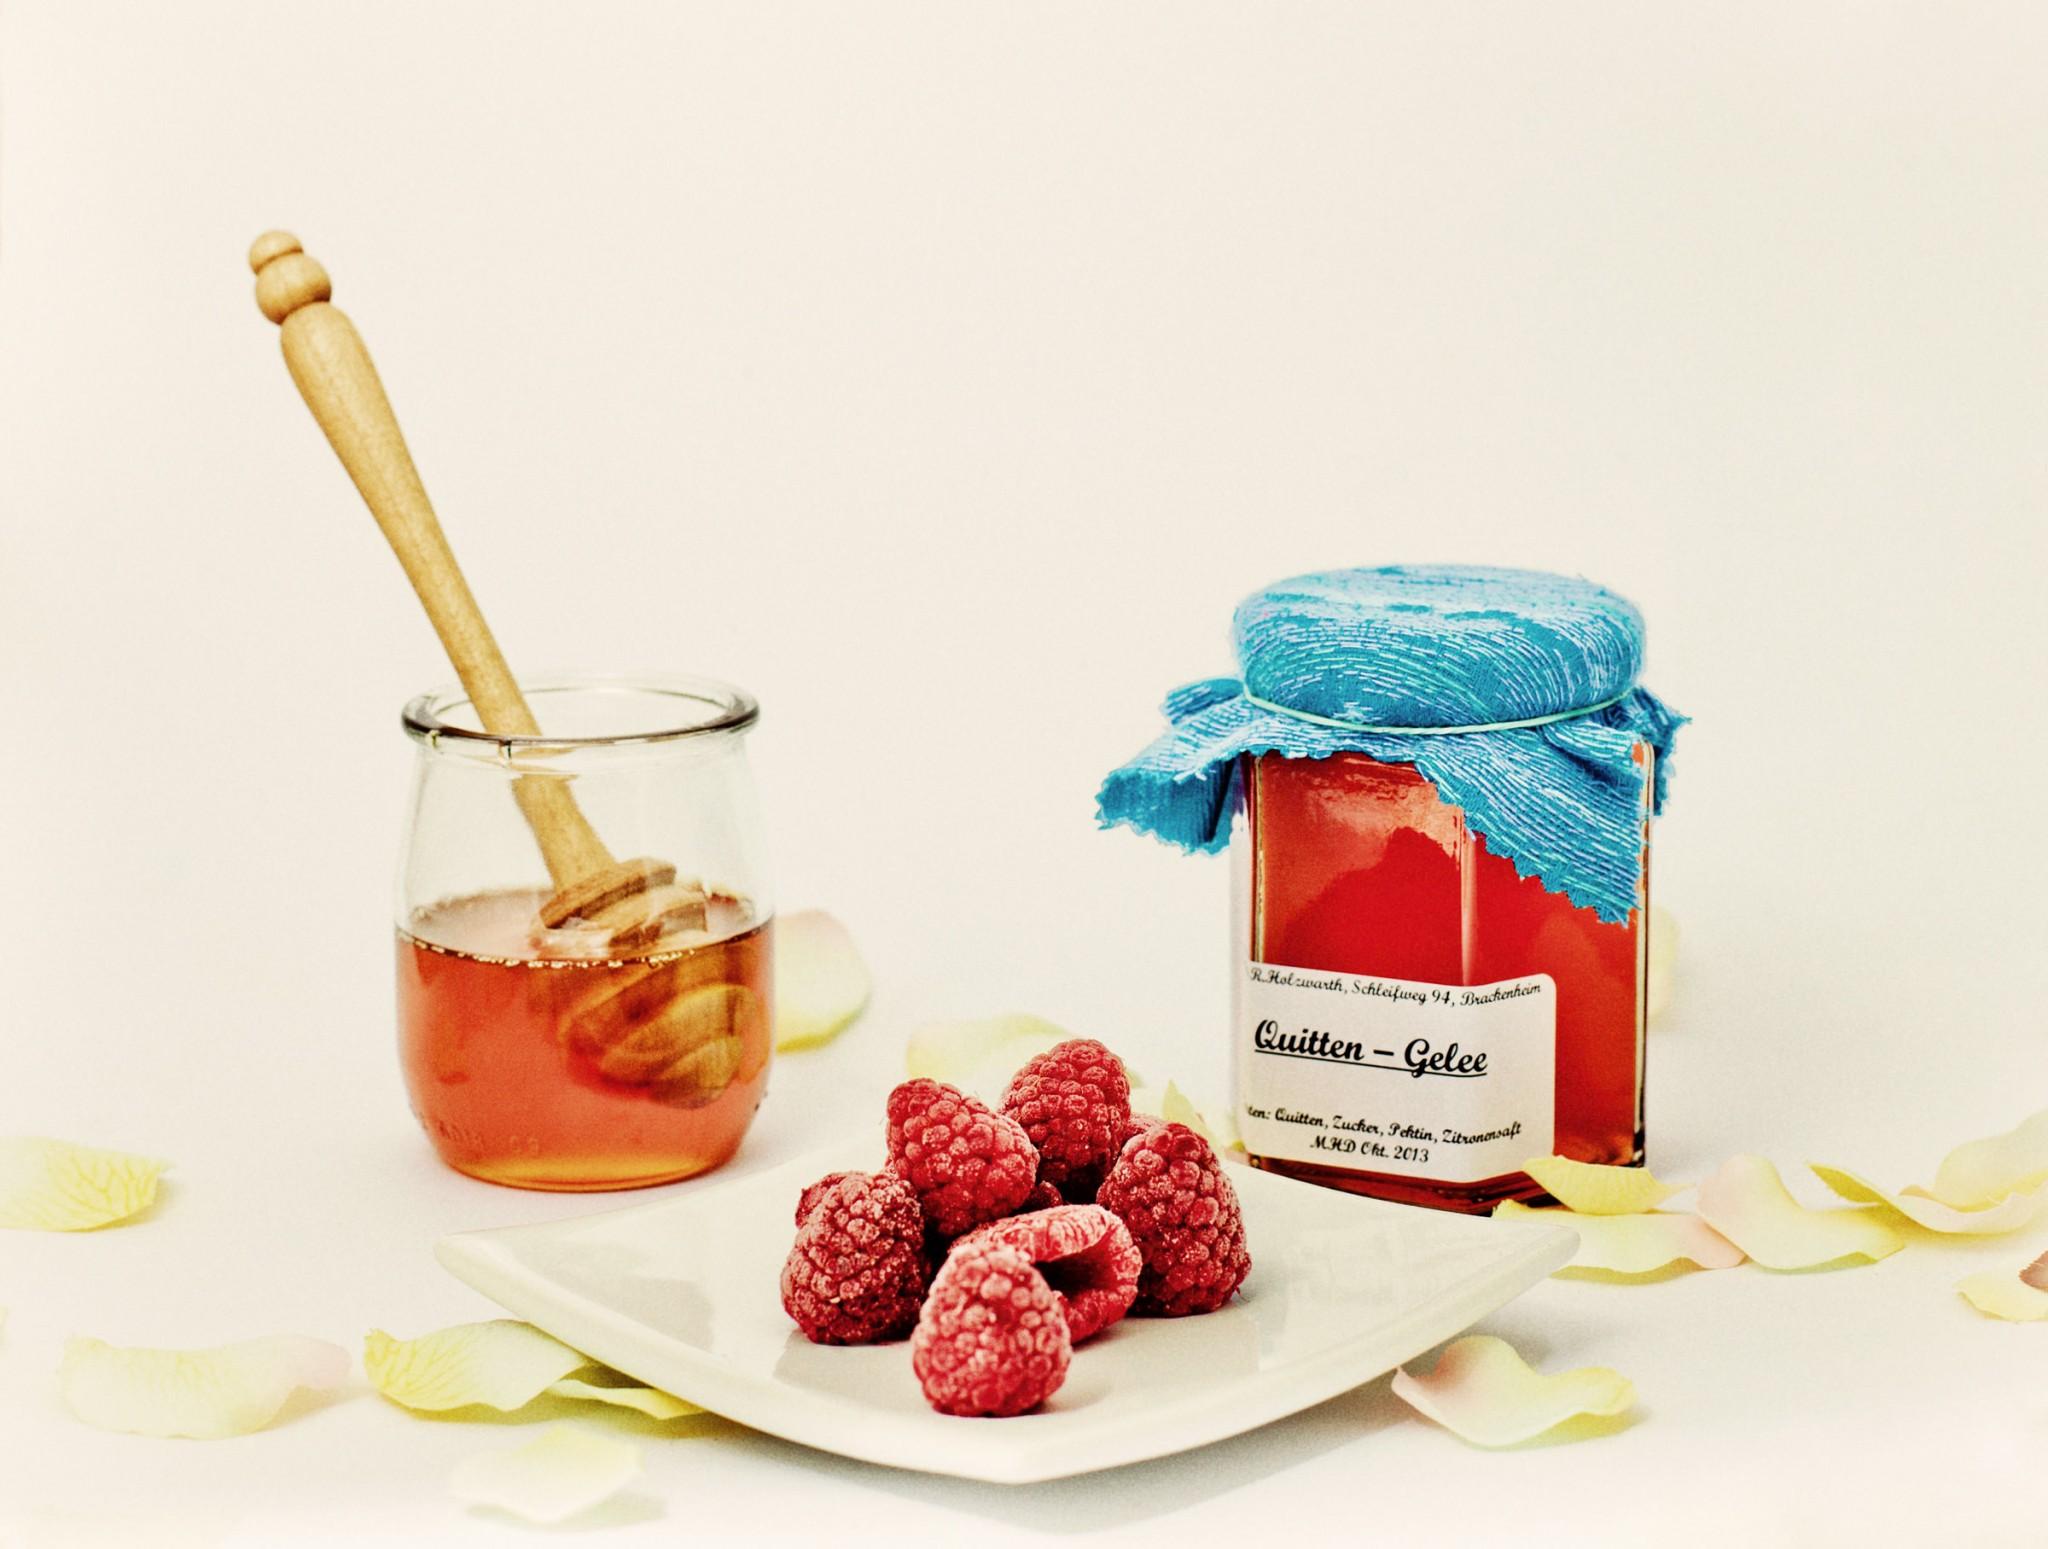 Geschmacksrichtung Himbeere Honig und Quitte